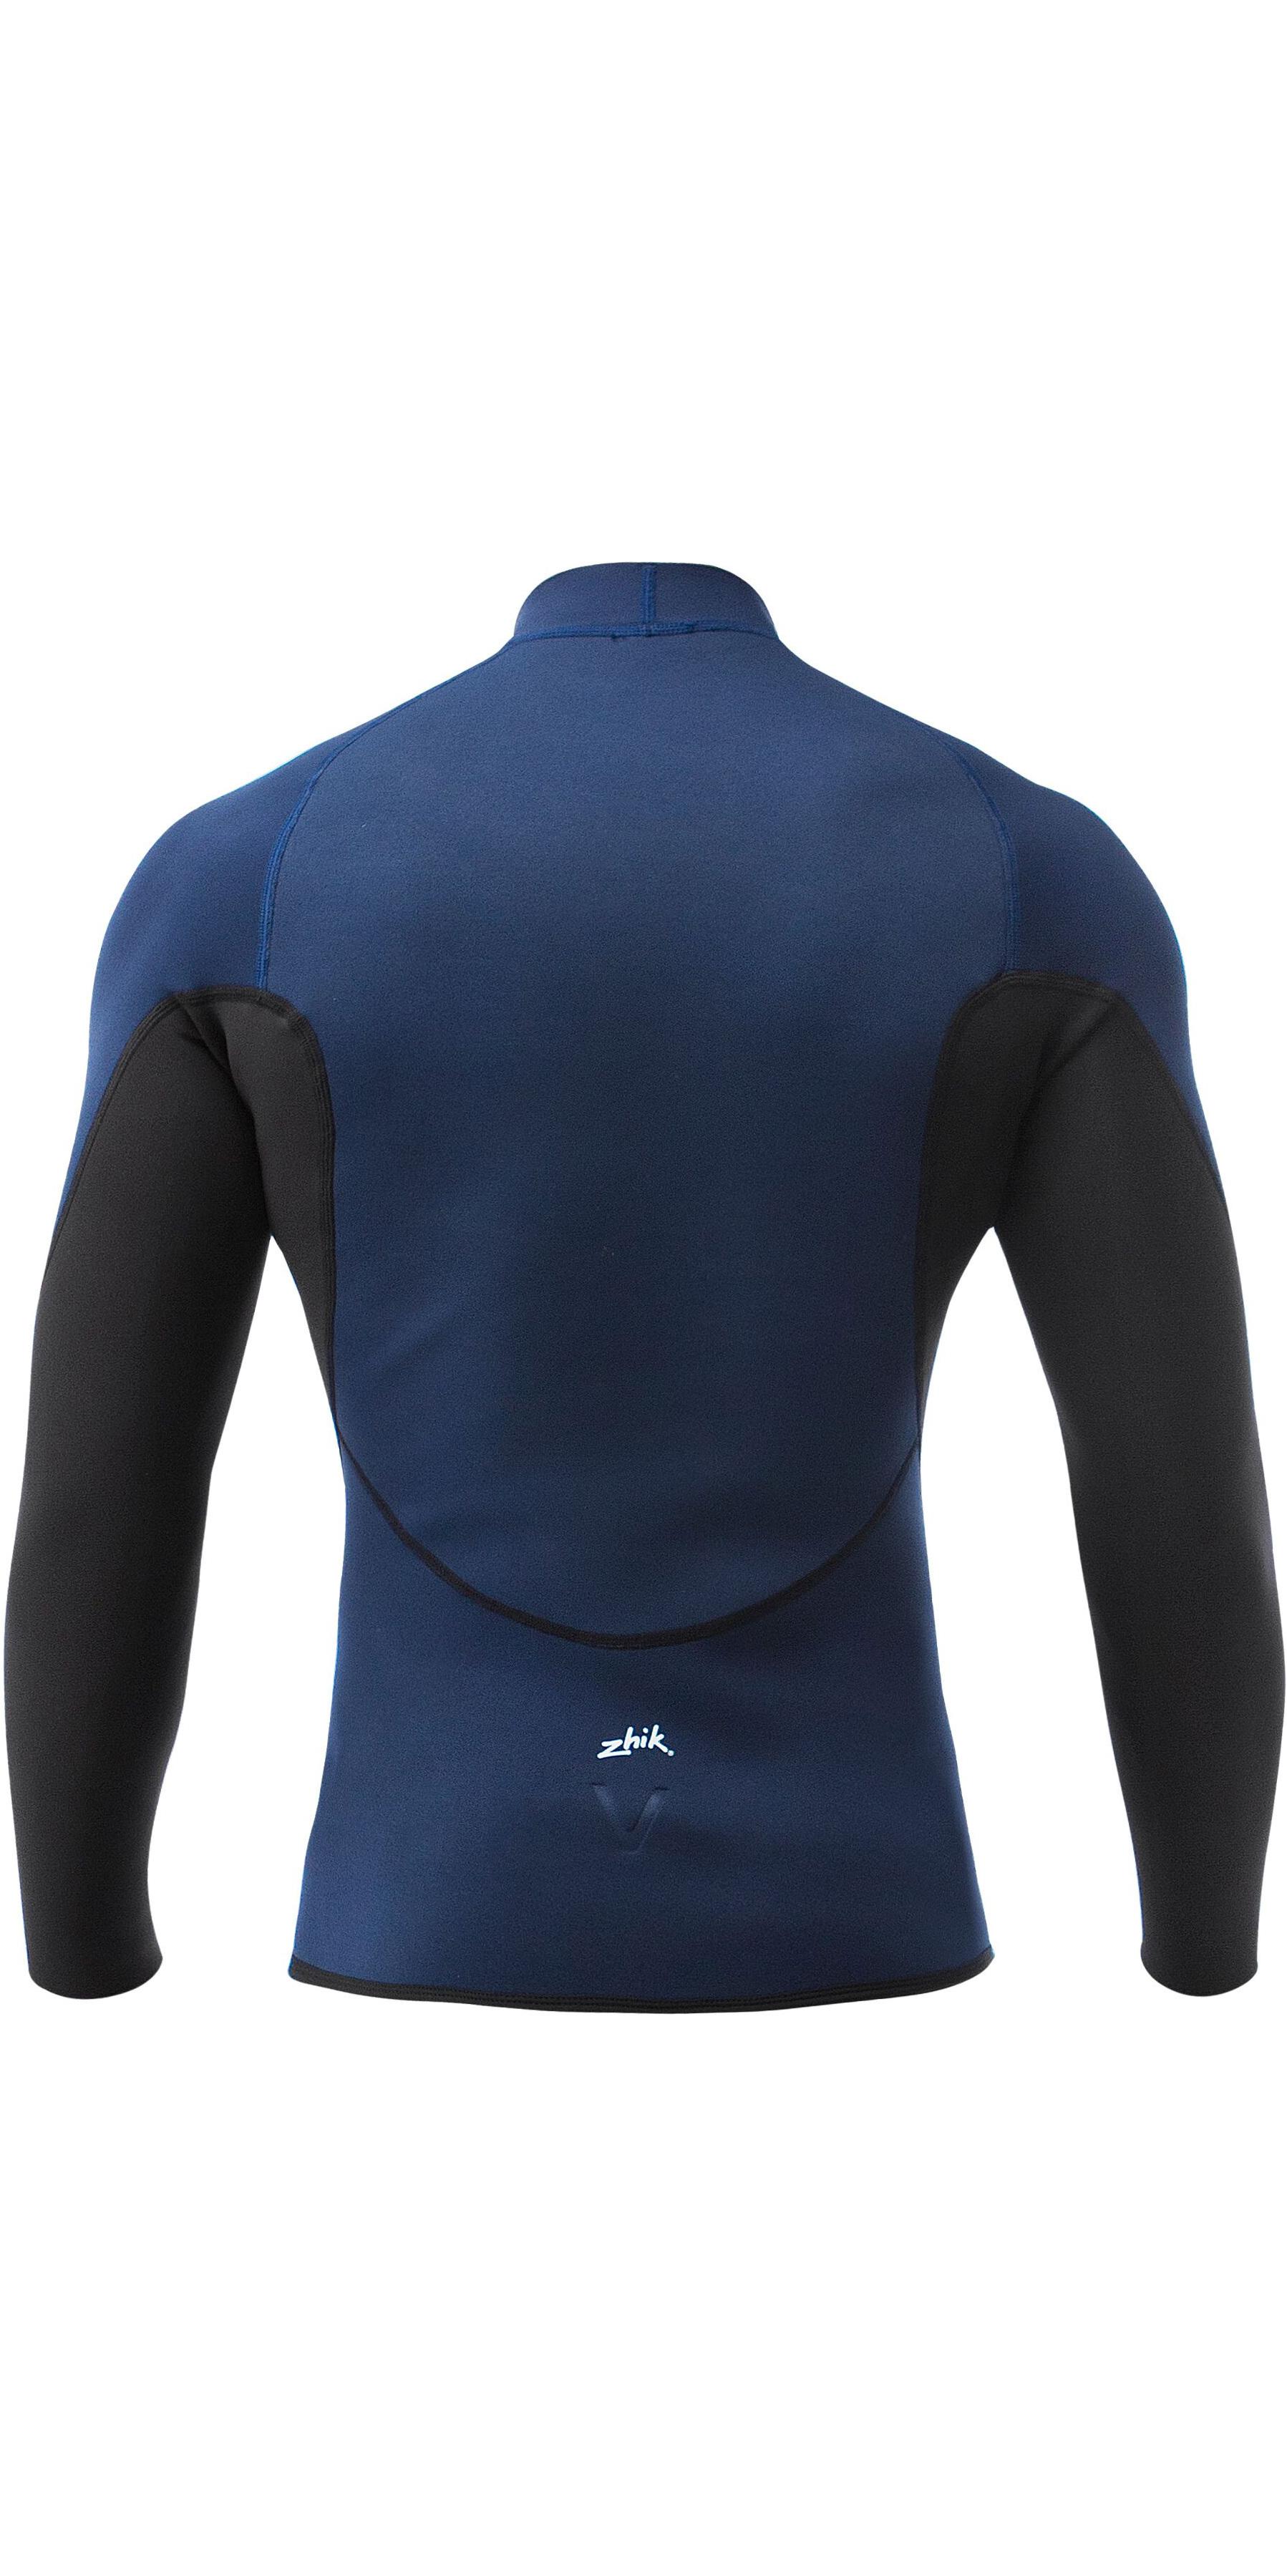 Zhik Heren Microfleece V 1mm Neopreen Top & Long John Wetsuit Combi Set